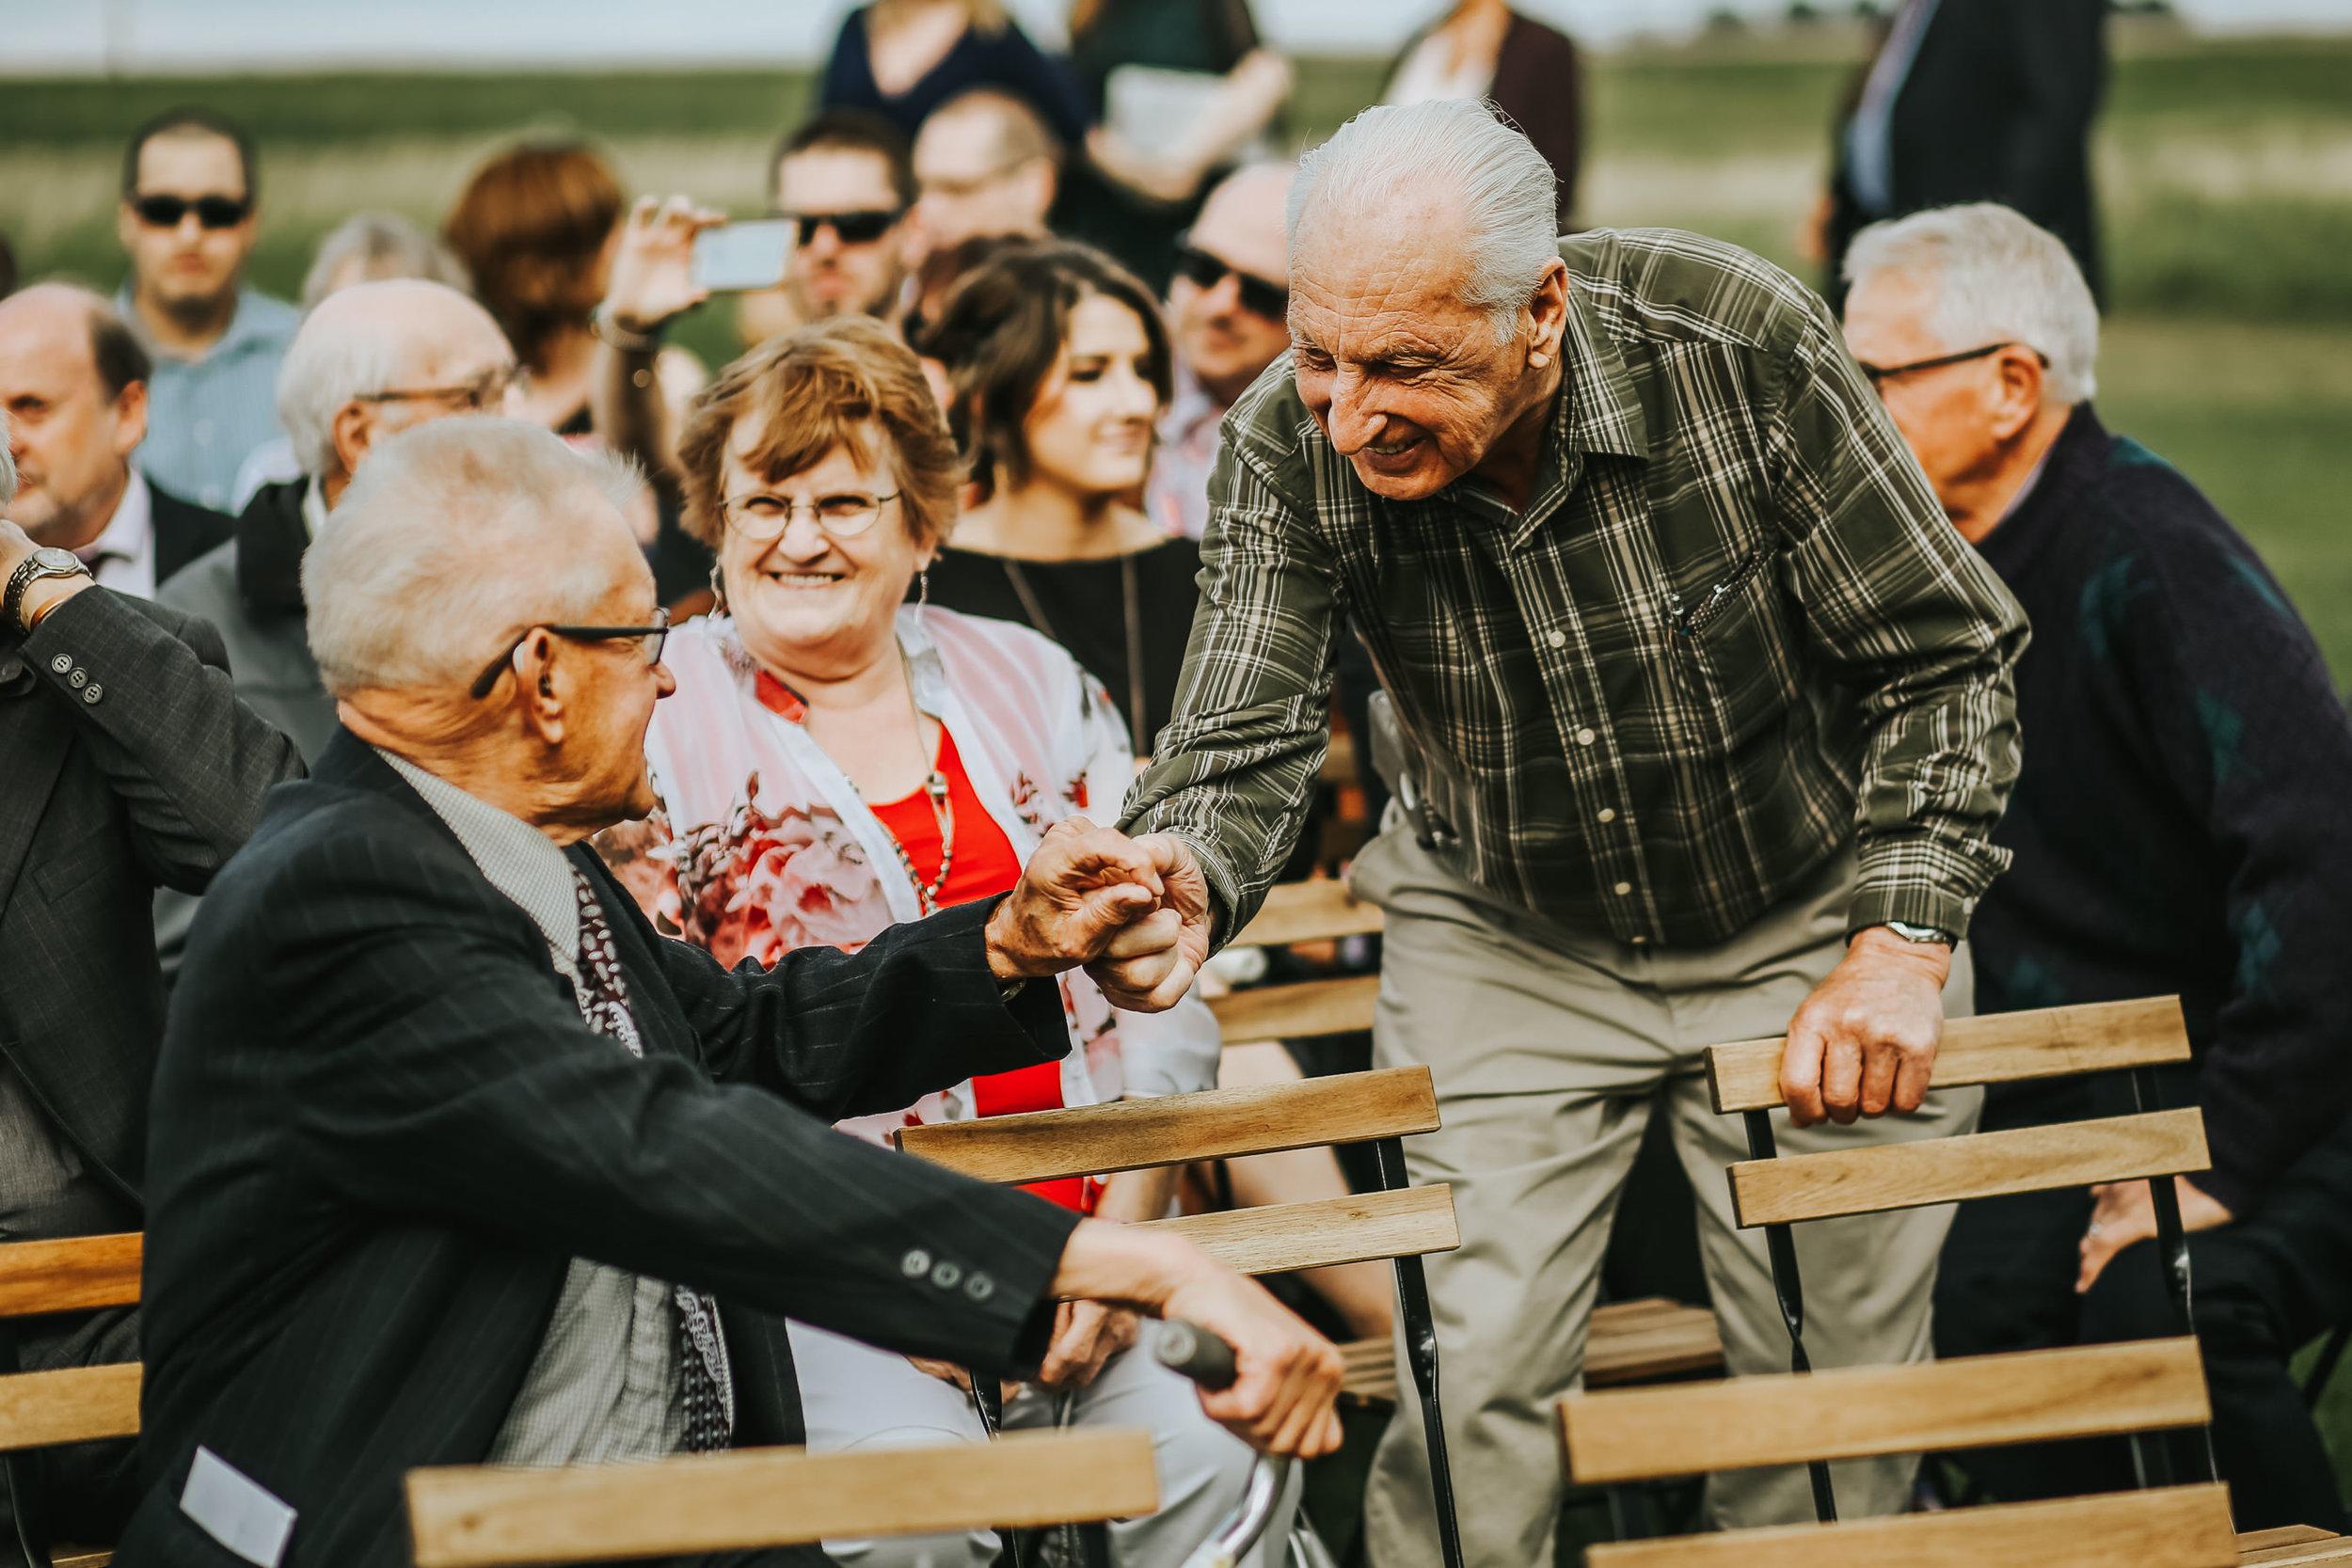 The-Gathered-Farm-Wedding-24